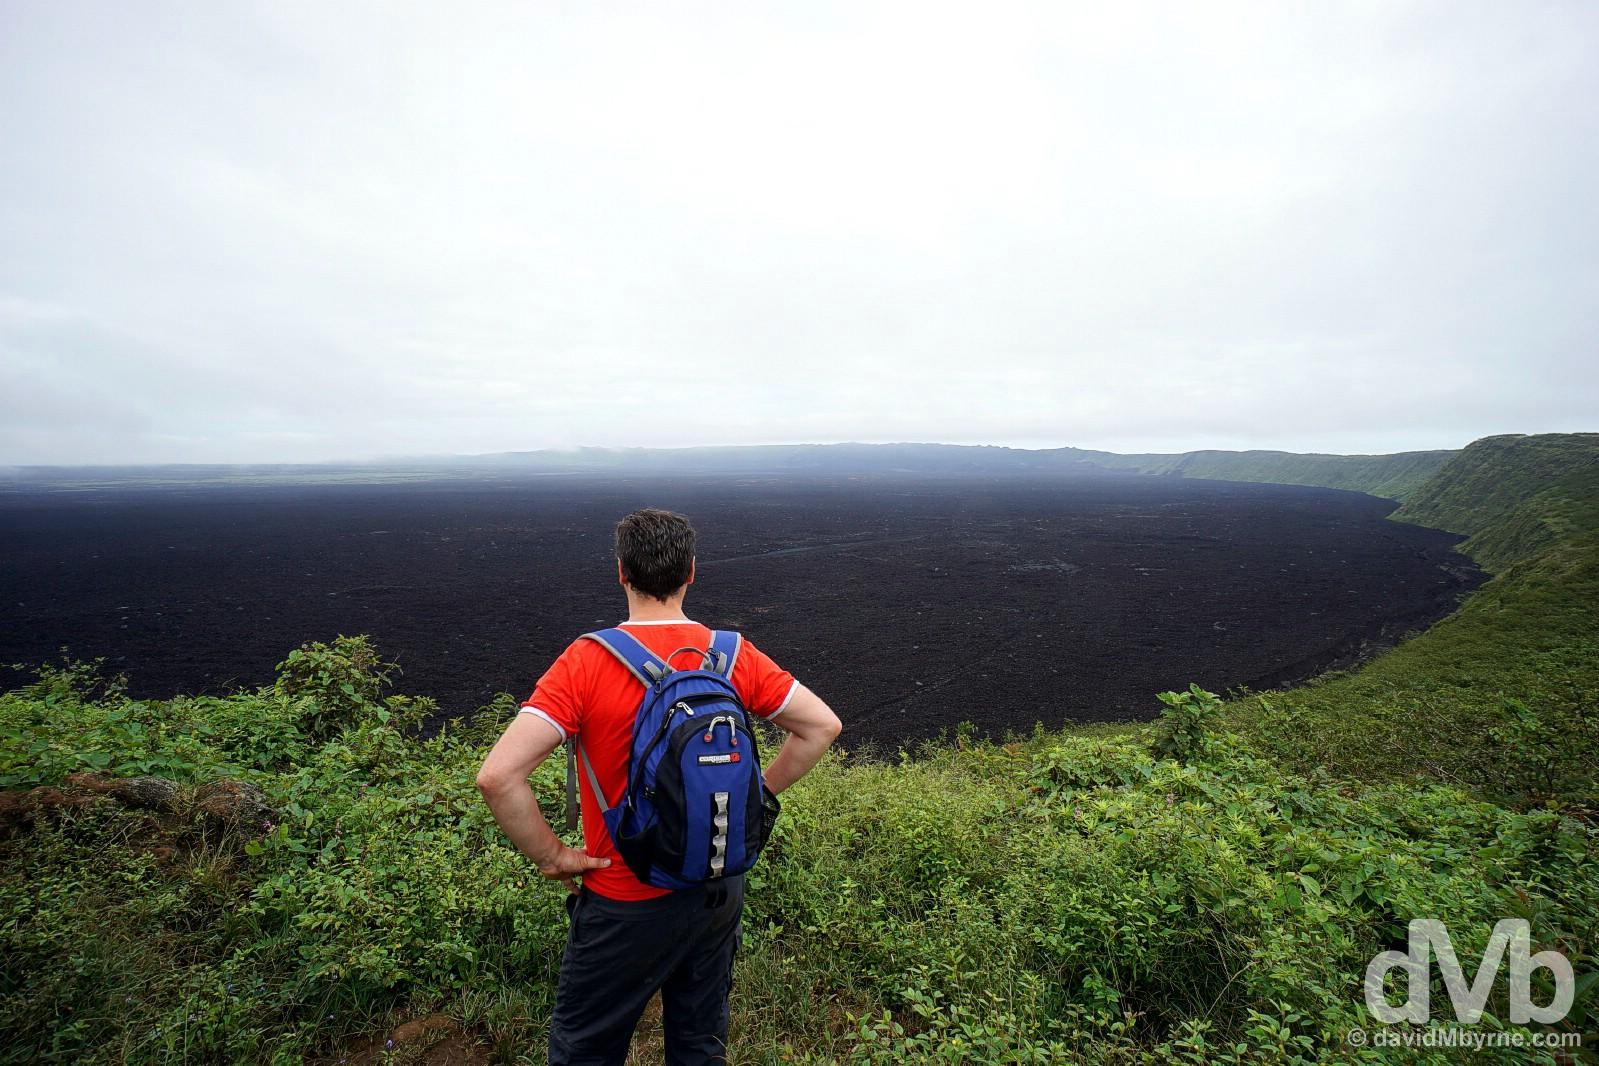 Overlooking the massive caldera of Sierra Negra on Isla Isabala, Galapagos, Ecuador. July 20, 2015.